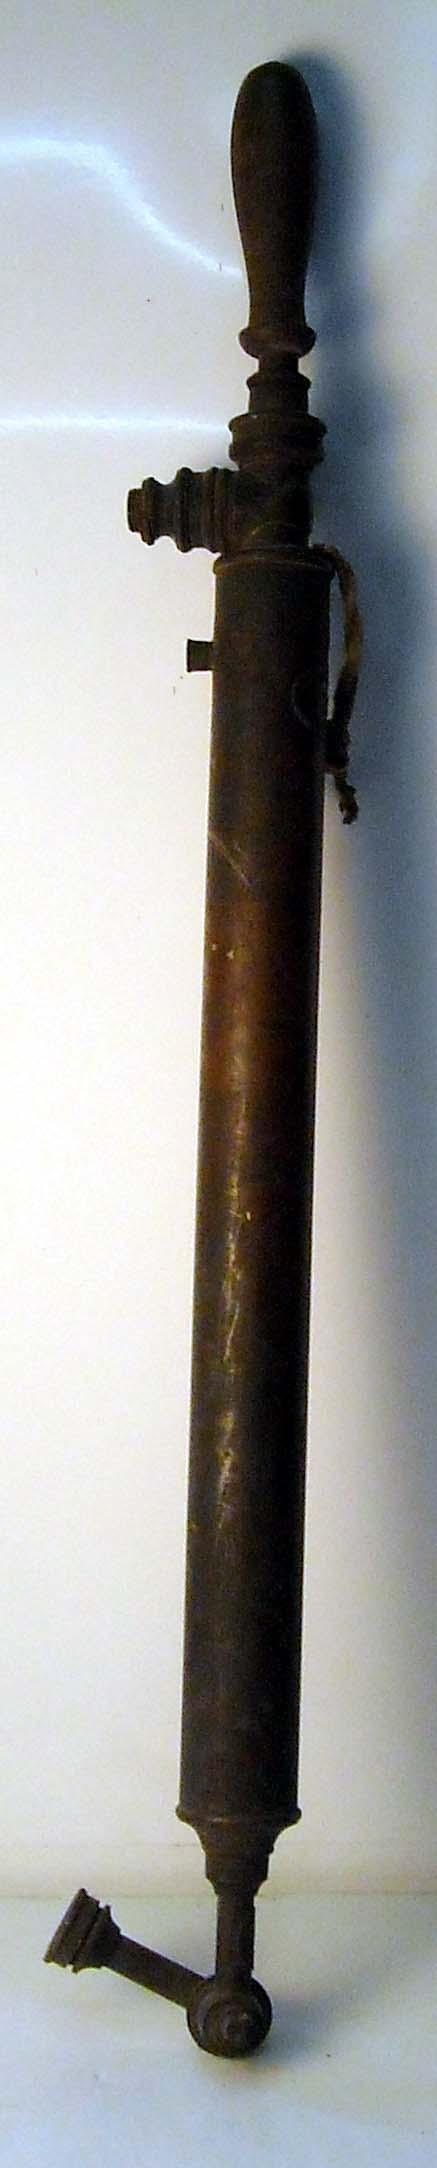 pfiche238